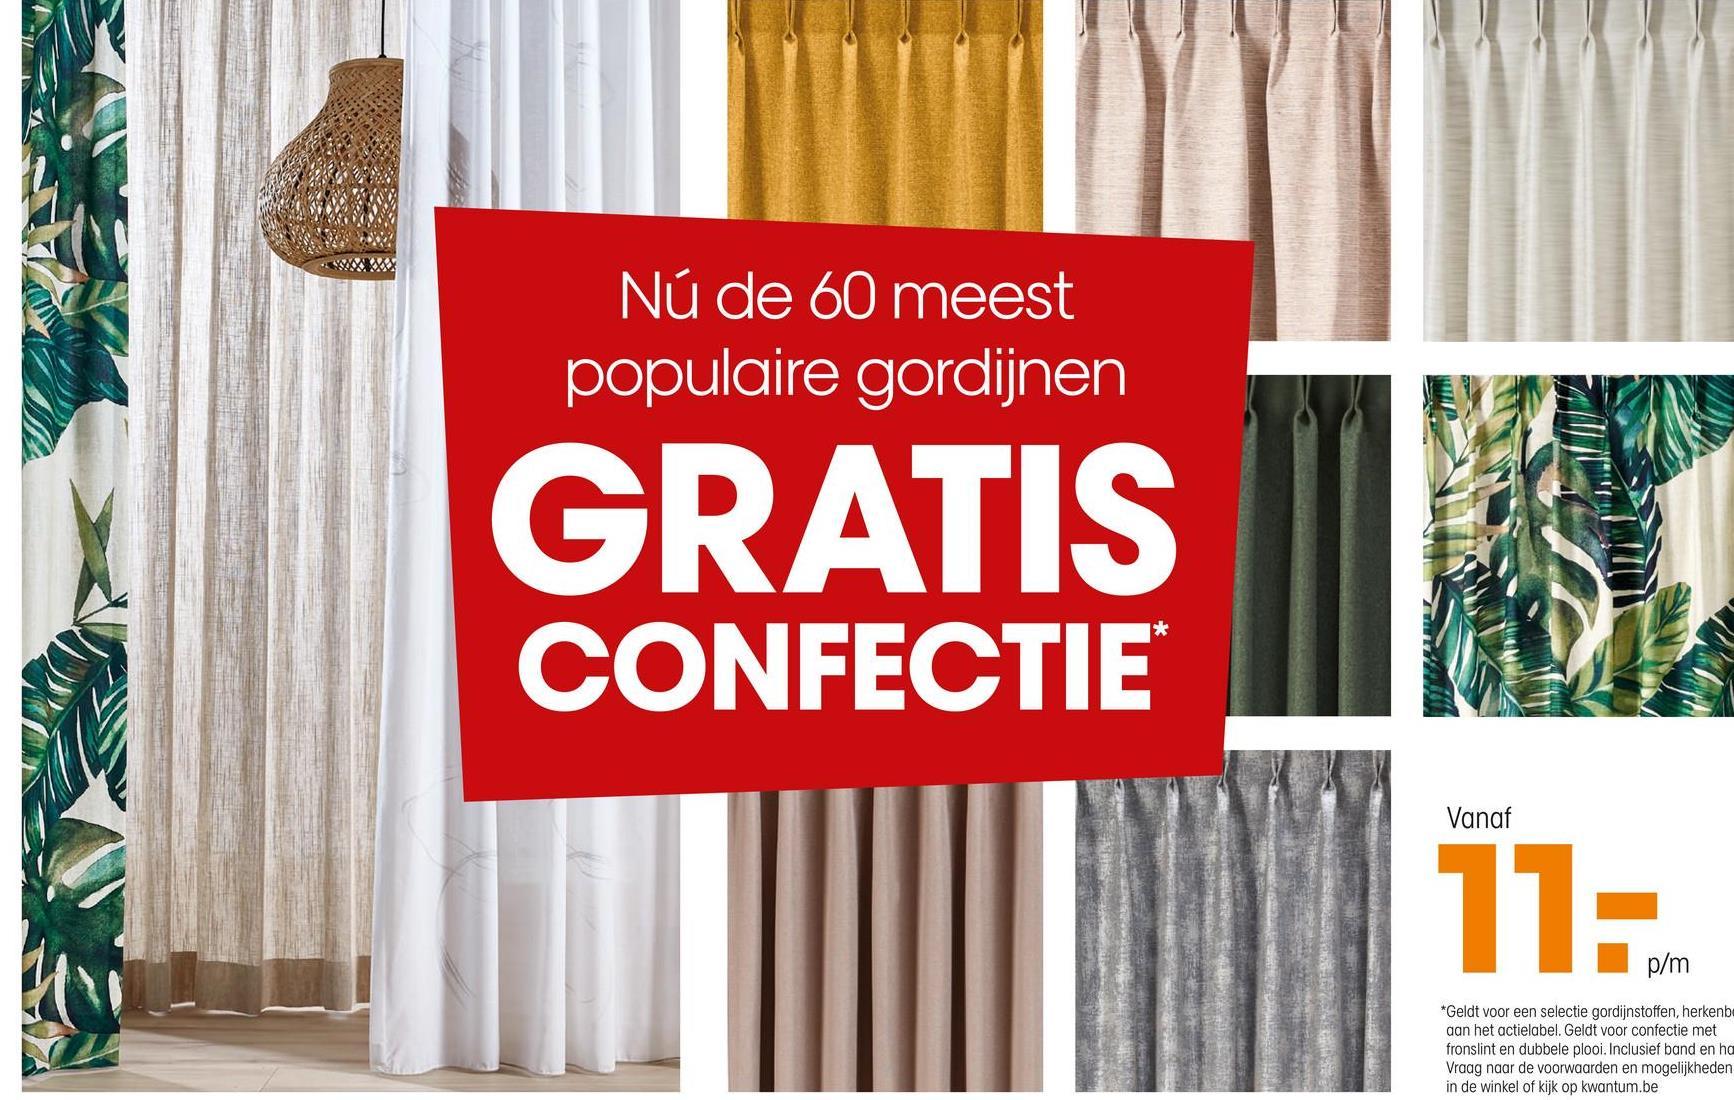 Nú de 60 meest populaire gordijnen GRATIS CONFECTIE Vanaf 11: p/m *Geldt voor een selectie gordijnstoffen, herkenb aan het actielabel. Geldt voor confectie met fronslint en dubbele plooi. Inclusief band en ha Vraag naar de voorwaarden en mogelijkheden in de winkel of kijk op kwantum.be